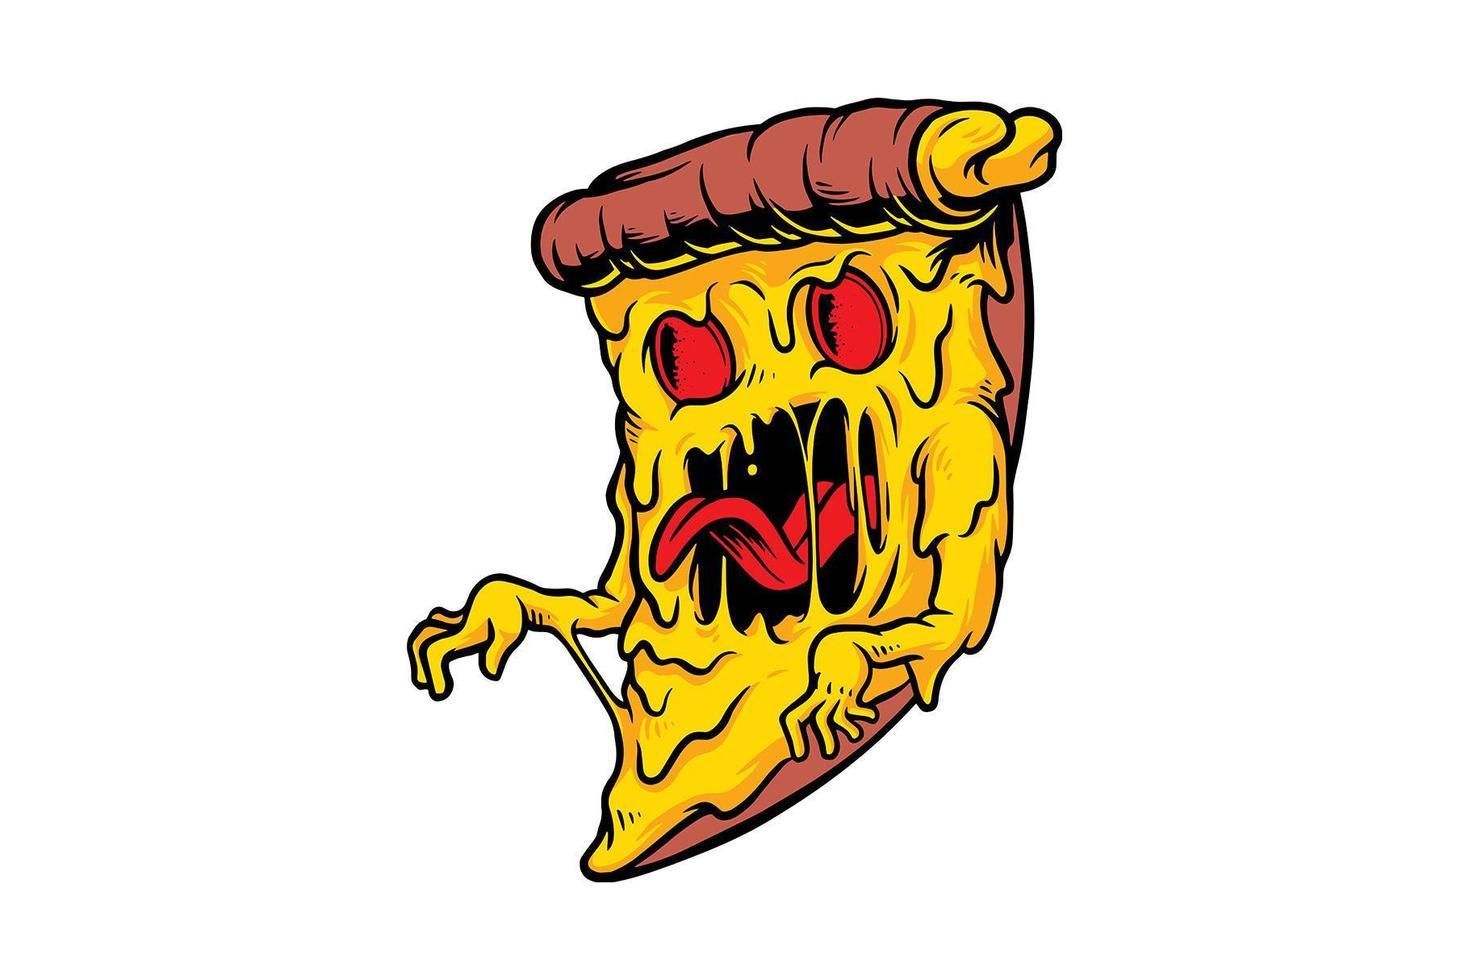 dessin de monstre de pizza vecteur